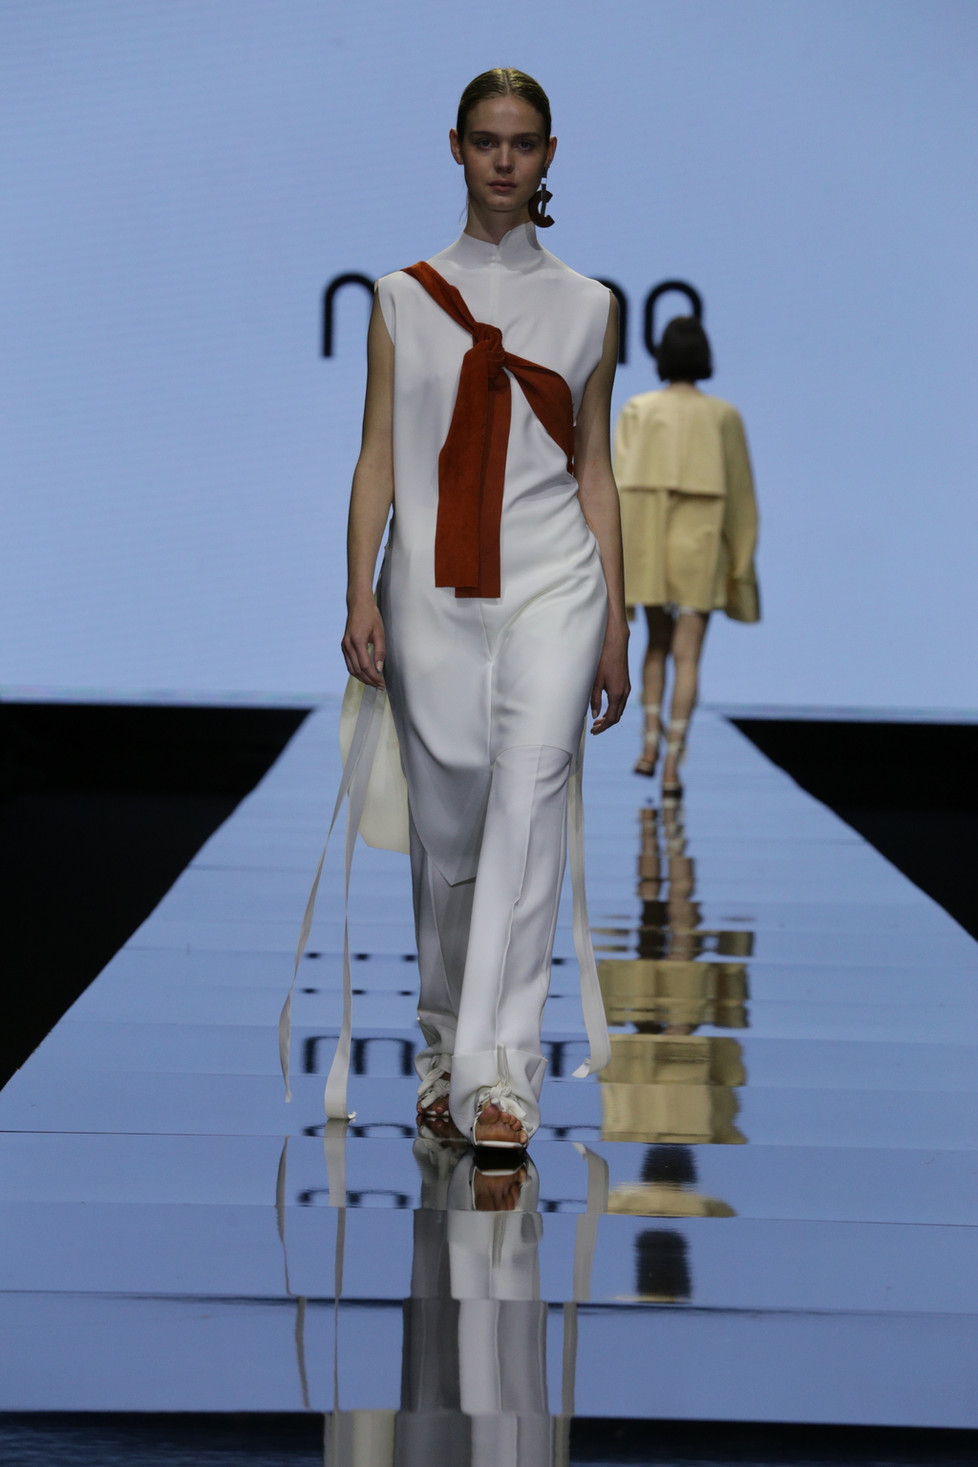 שבוע האופנה תל אביב 2019